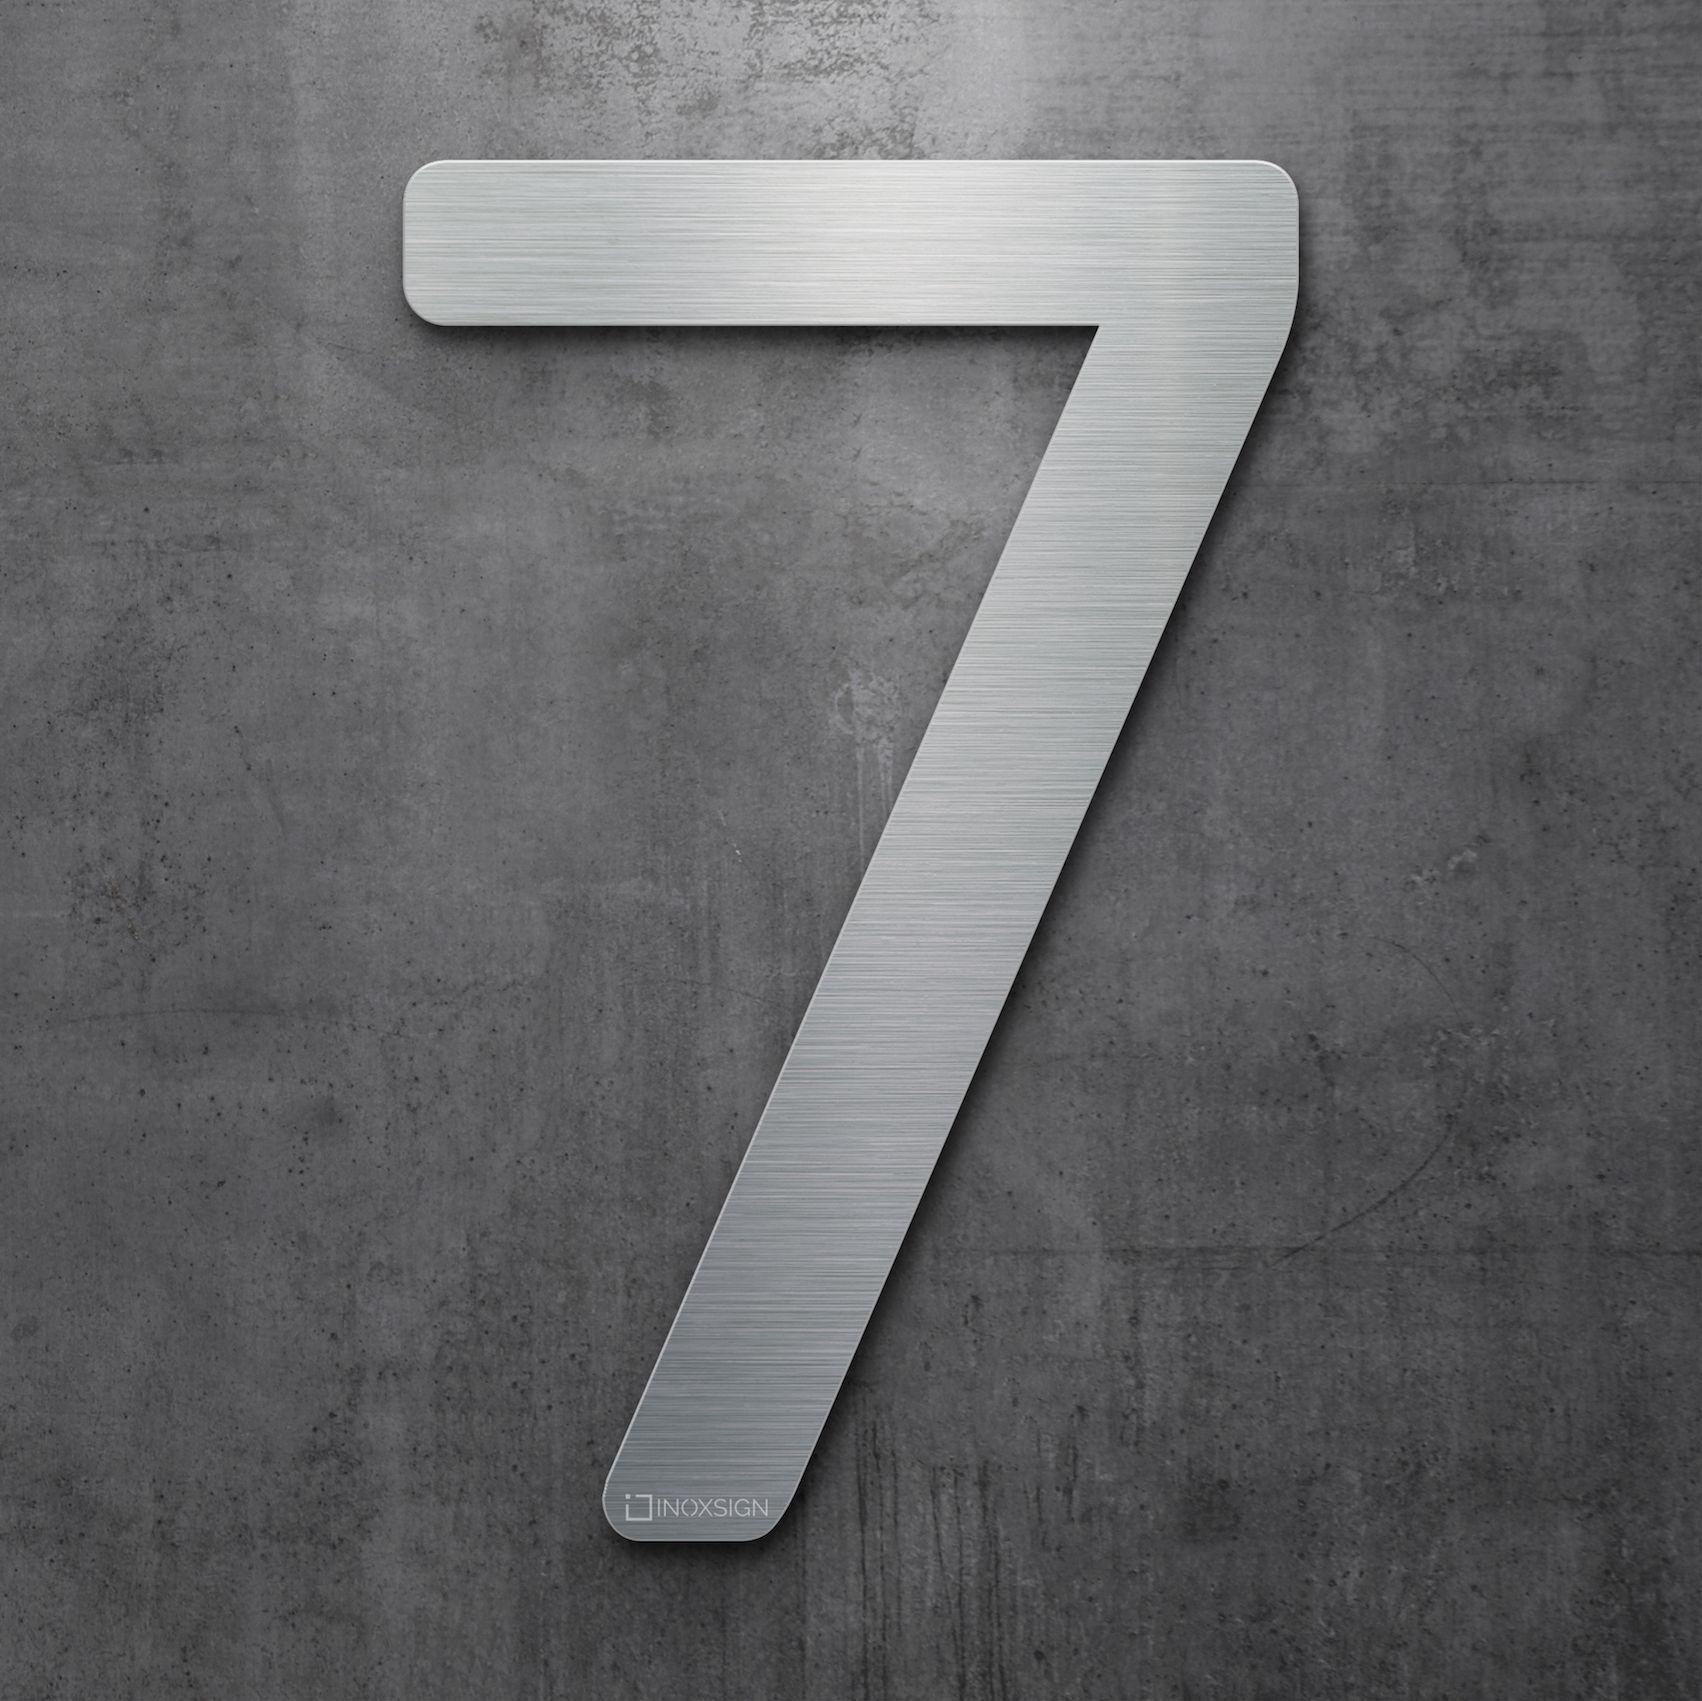 Moderne Hausnummern Edelstahl neu inoxsign edelstahl hausnummer 7 moderne hausnummern aus